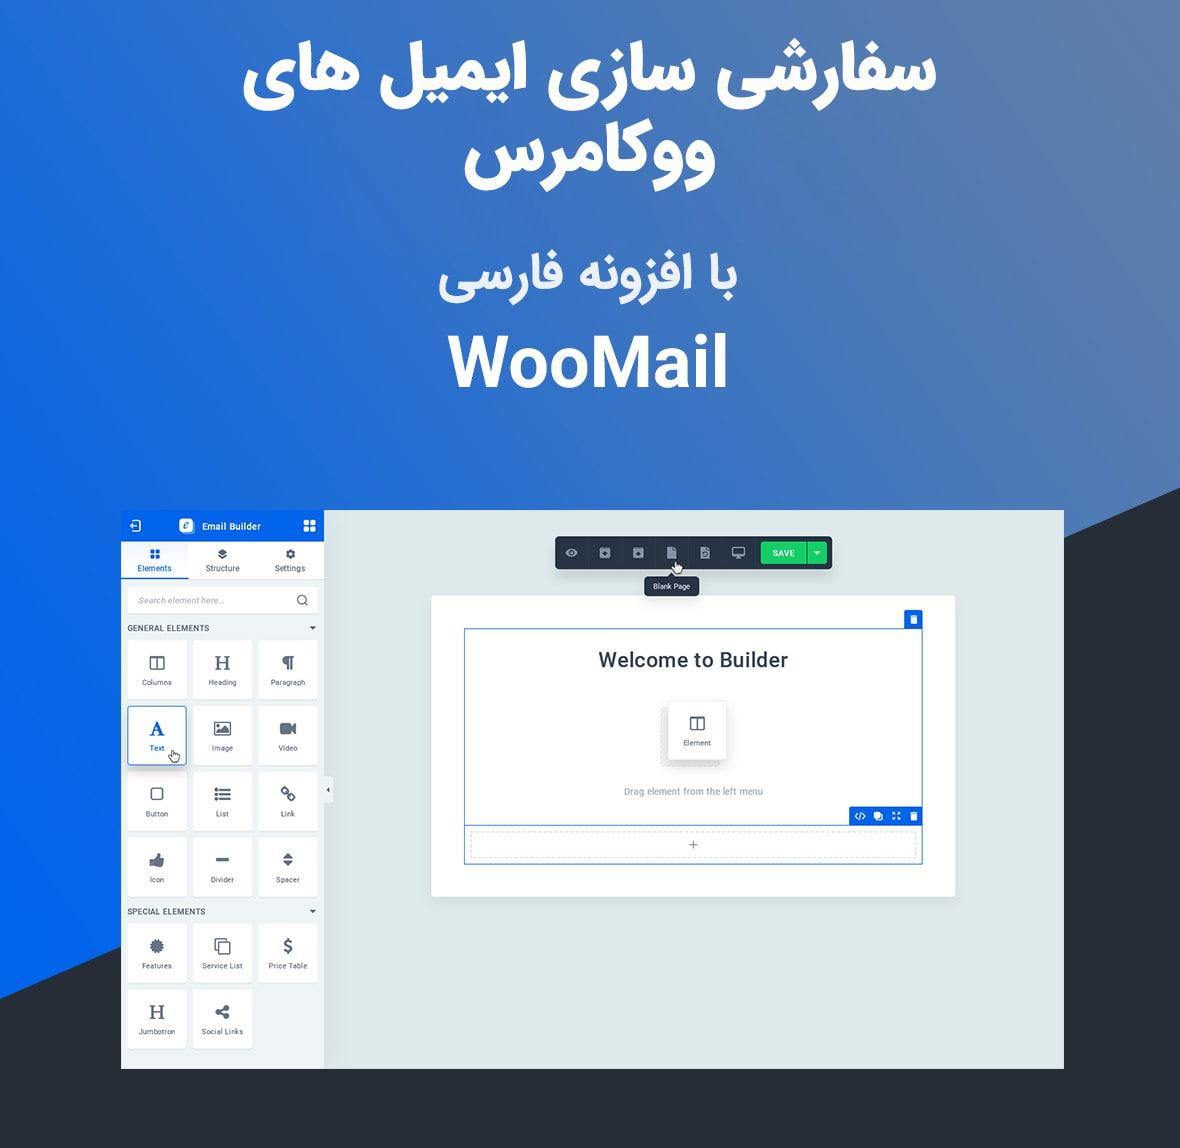 ویرایش و شخصی سازی ایمیل های ووکامرس ooMail